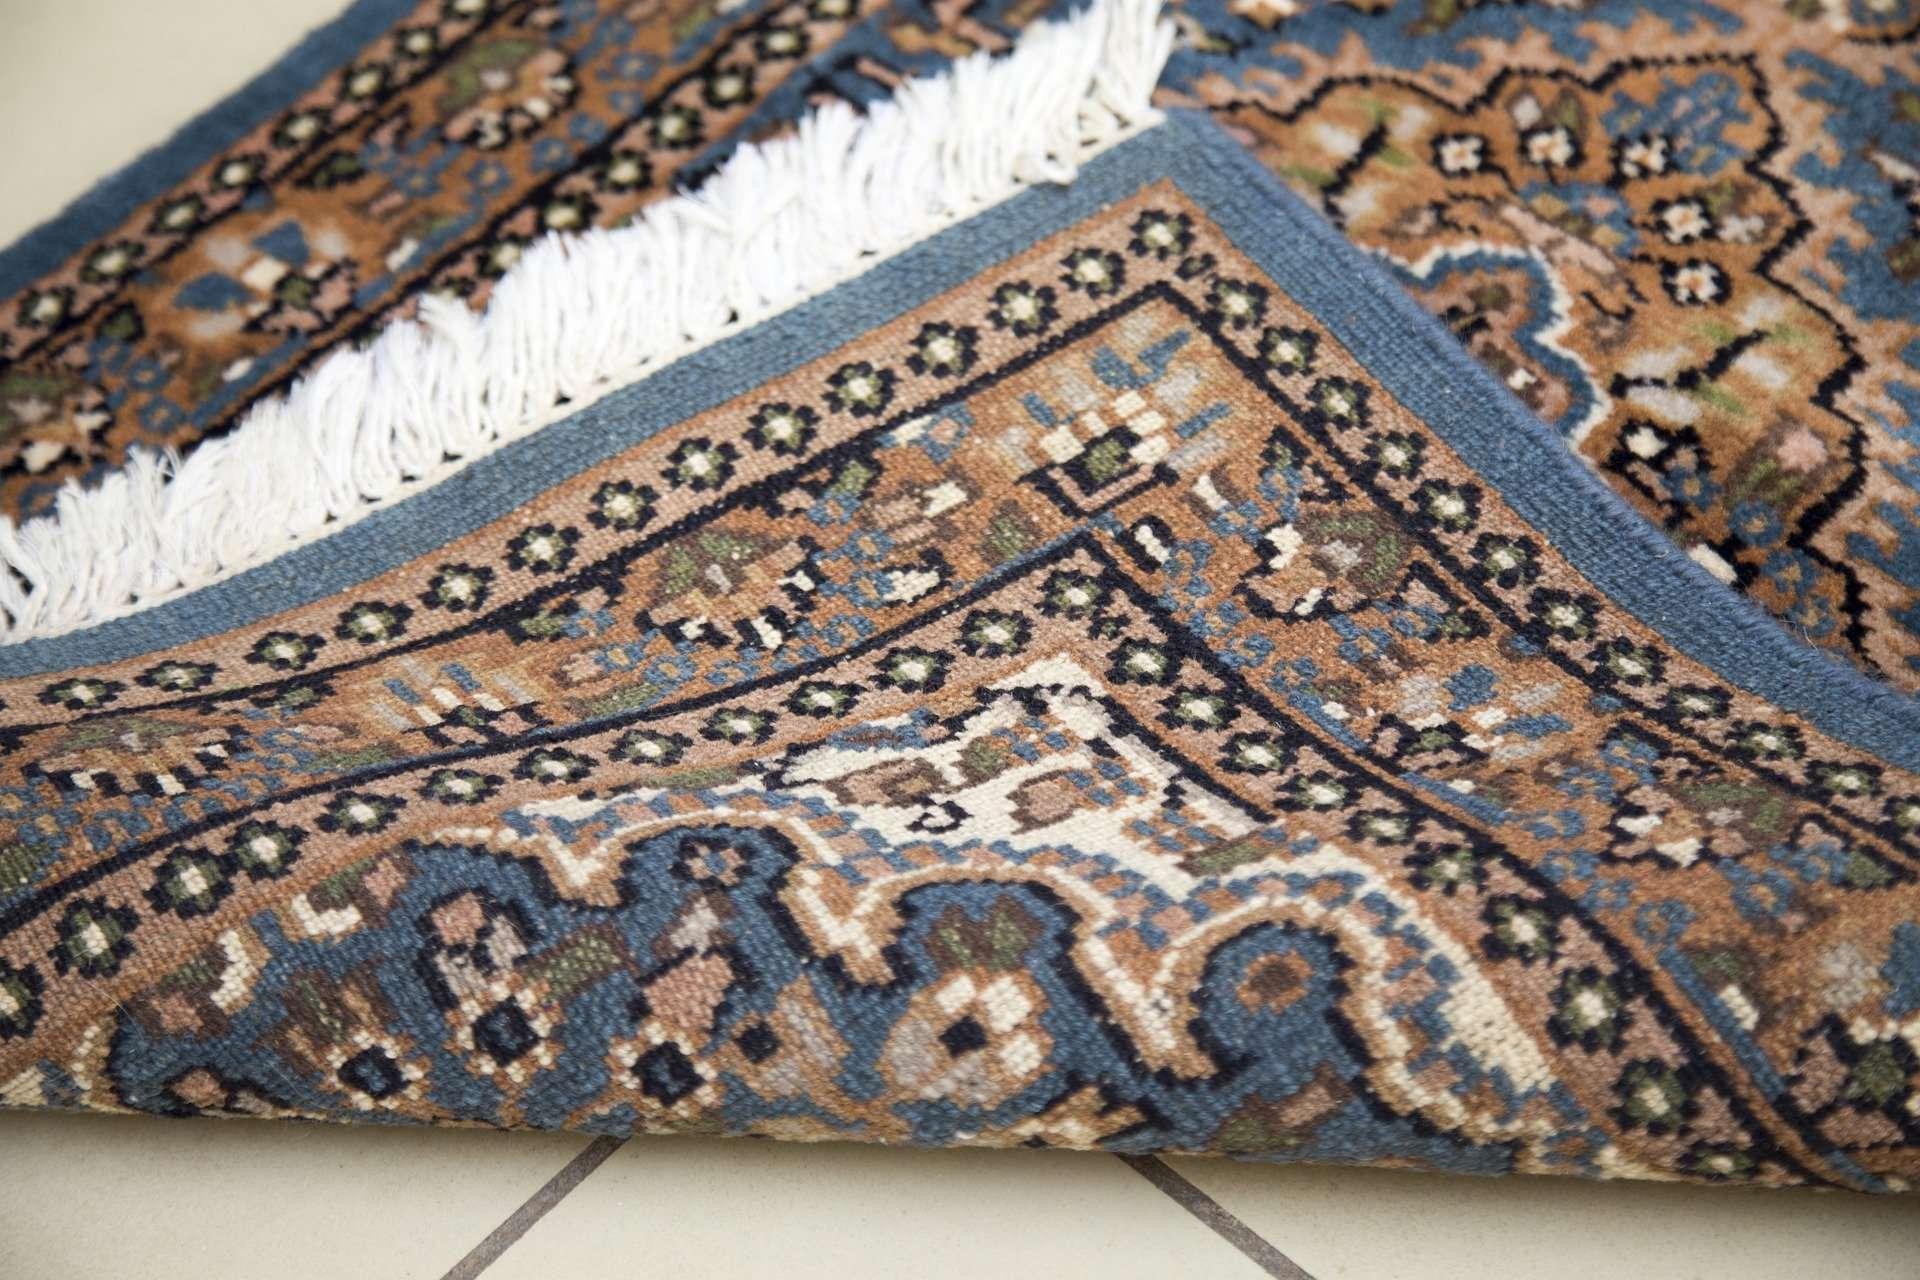 carpet-4292716_1920